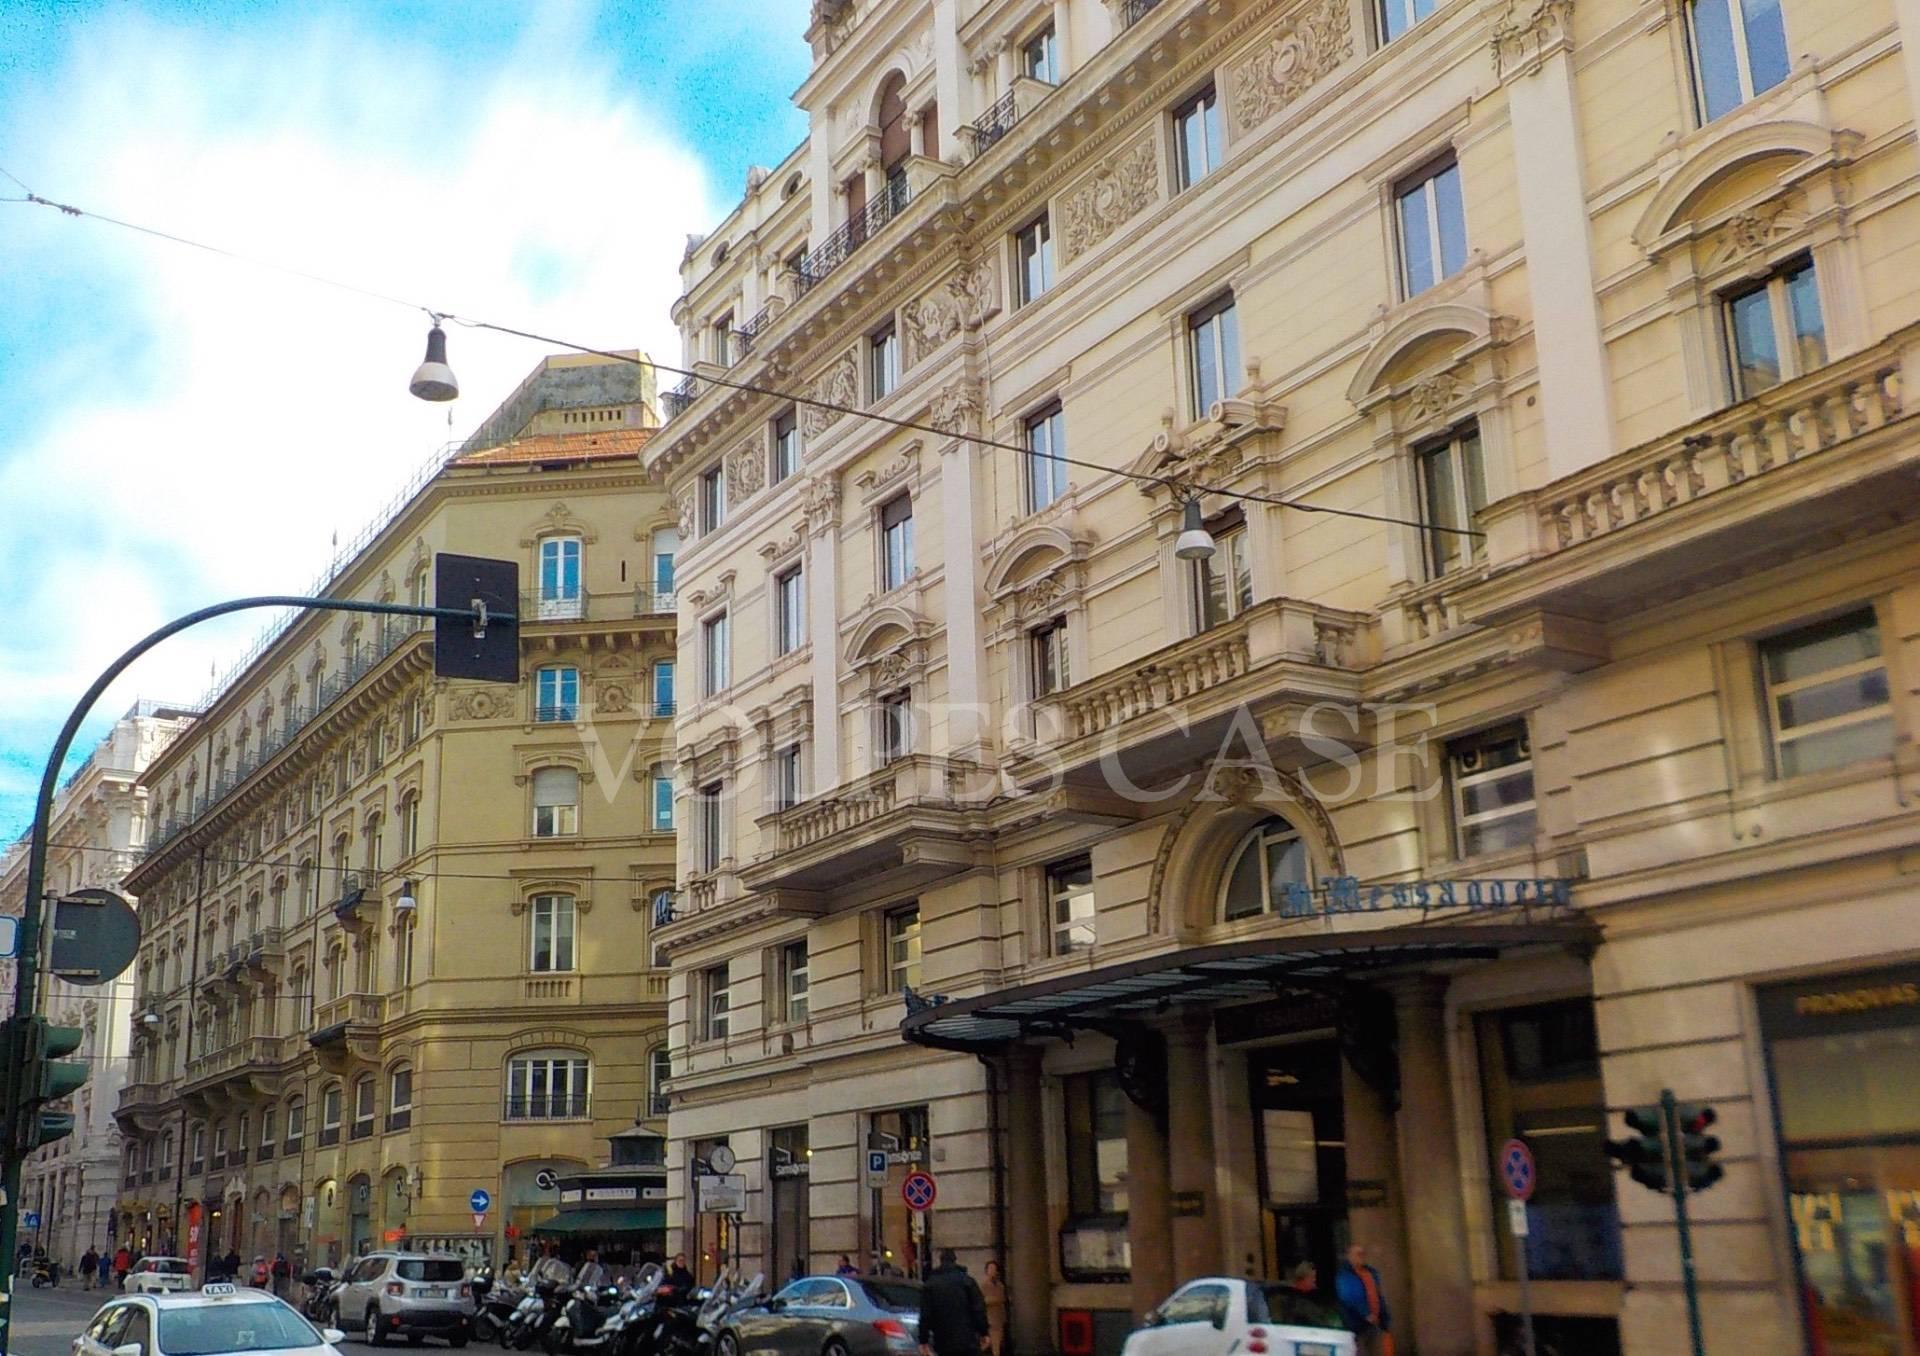 APPARTAMENTO in Affitto a Centro Storico, Roma (ROMA)